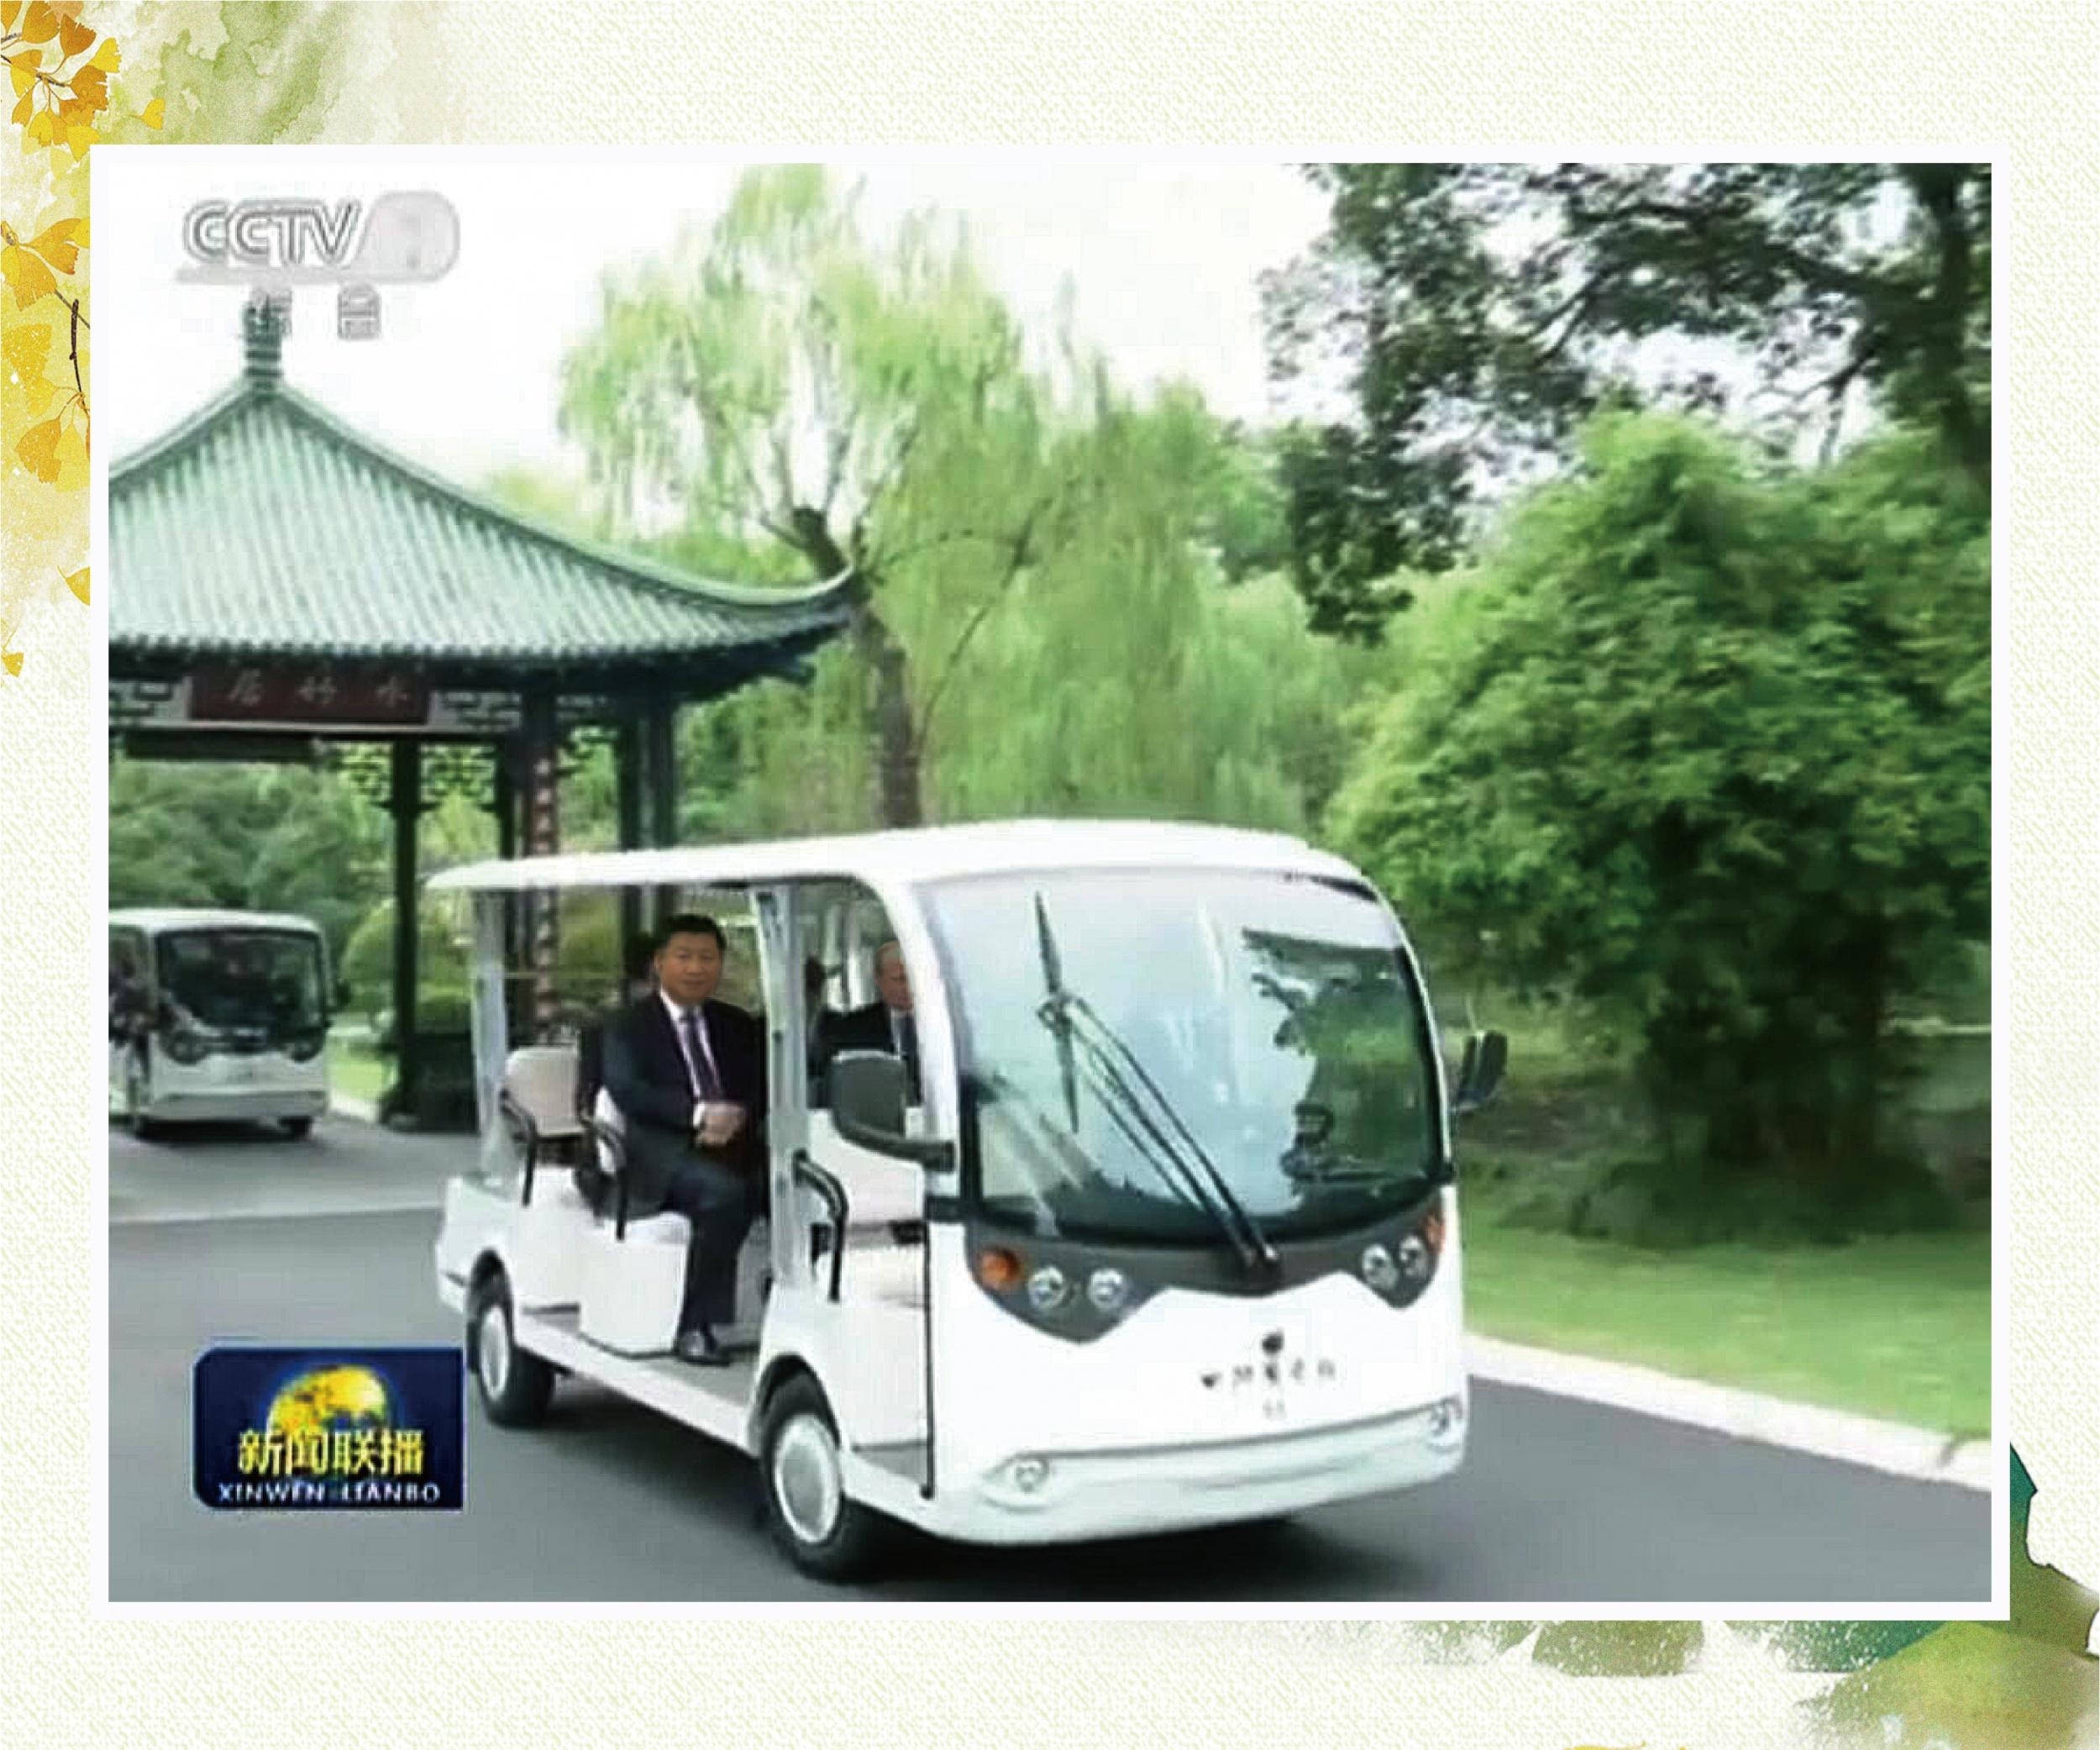 2016年9月4日,***主席习近平同俄总统普京乘坐羿昂电动车出席G20峰会欢迎晚宴